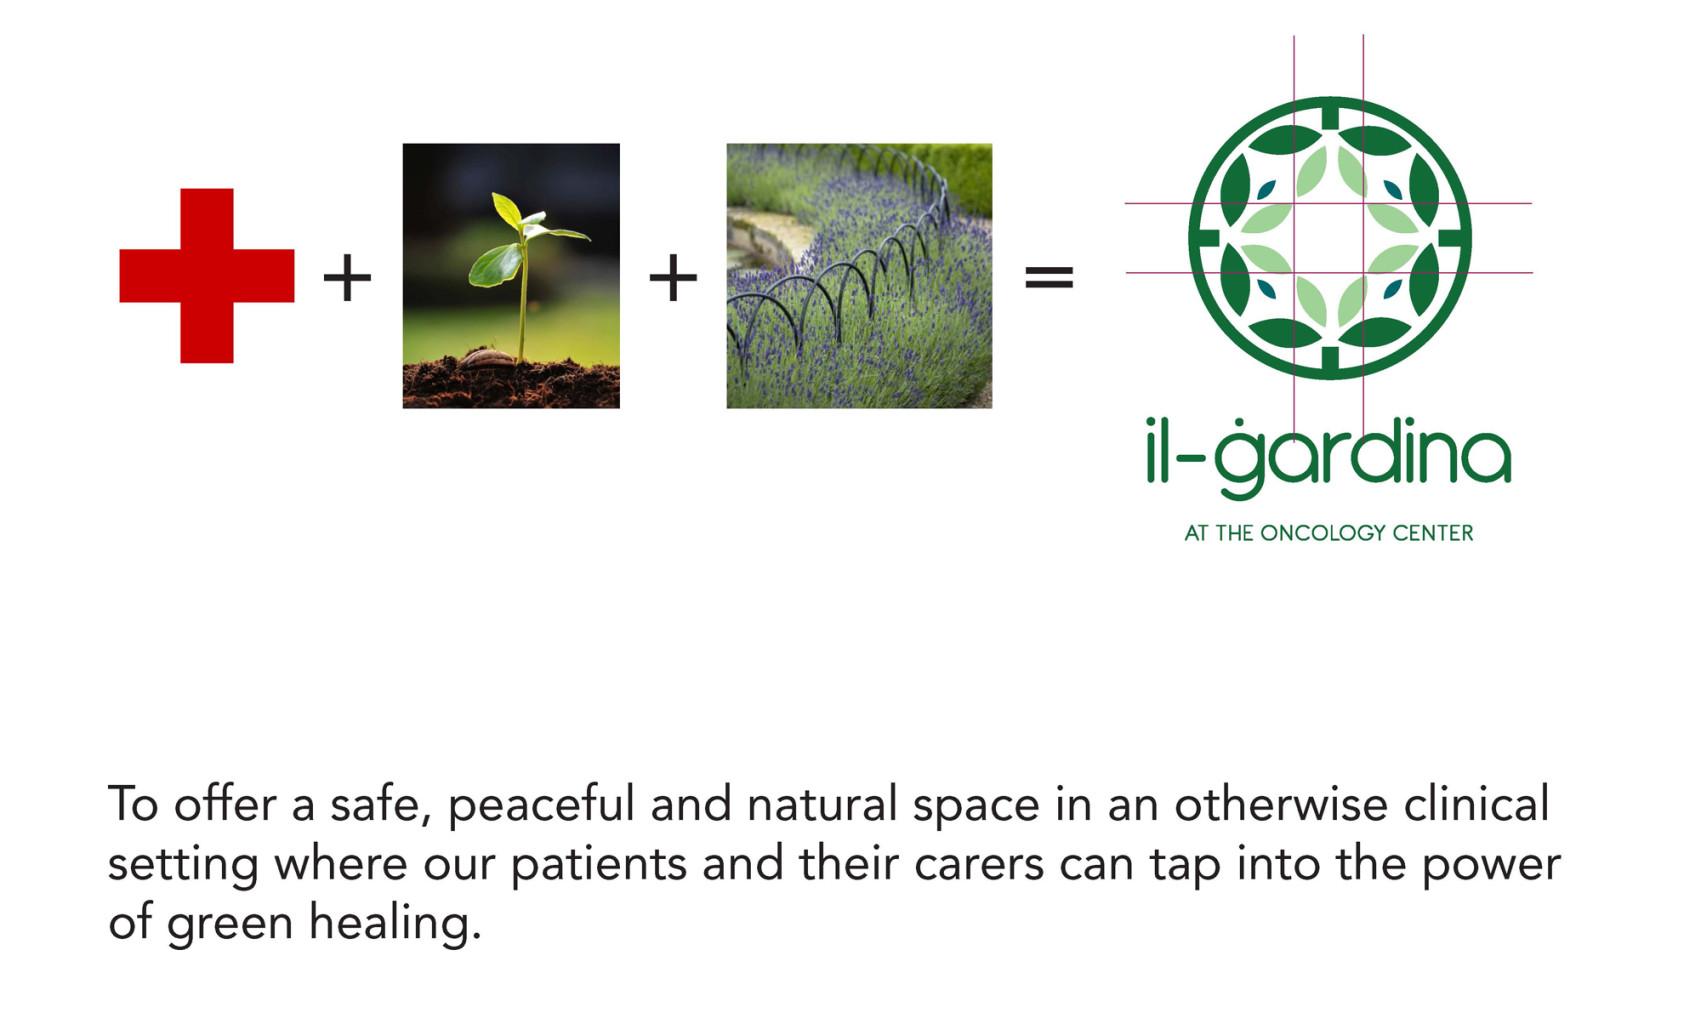 Garden Oncology center 2